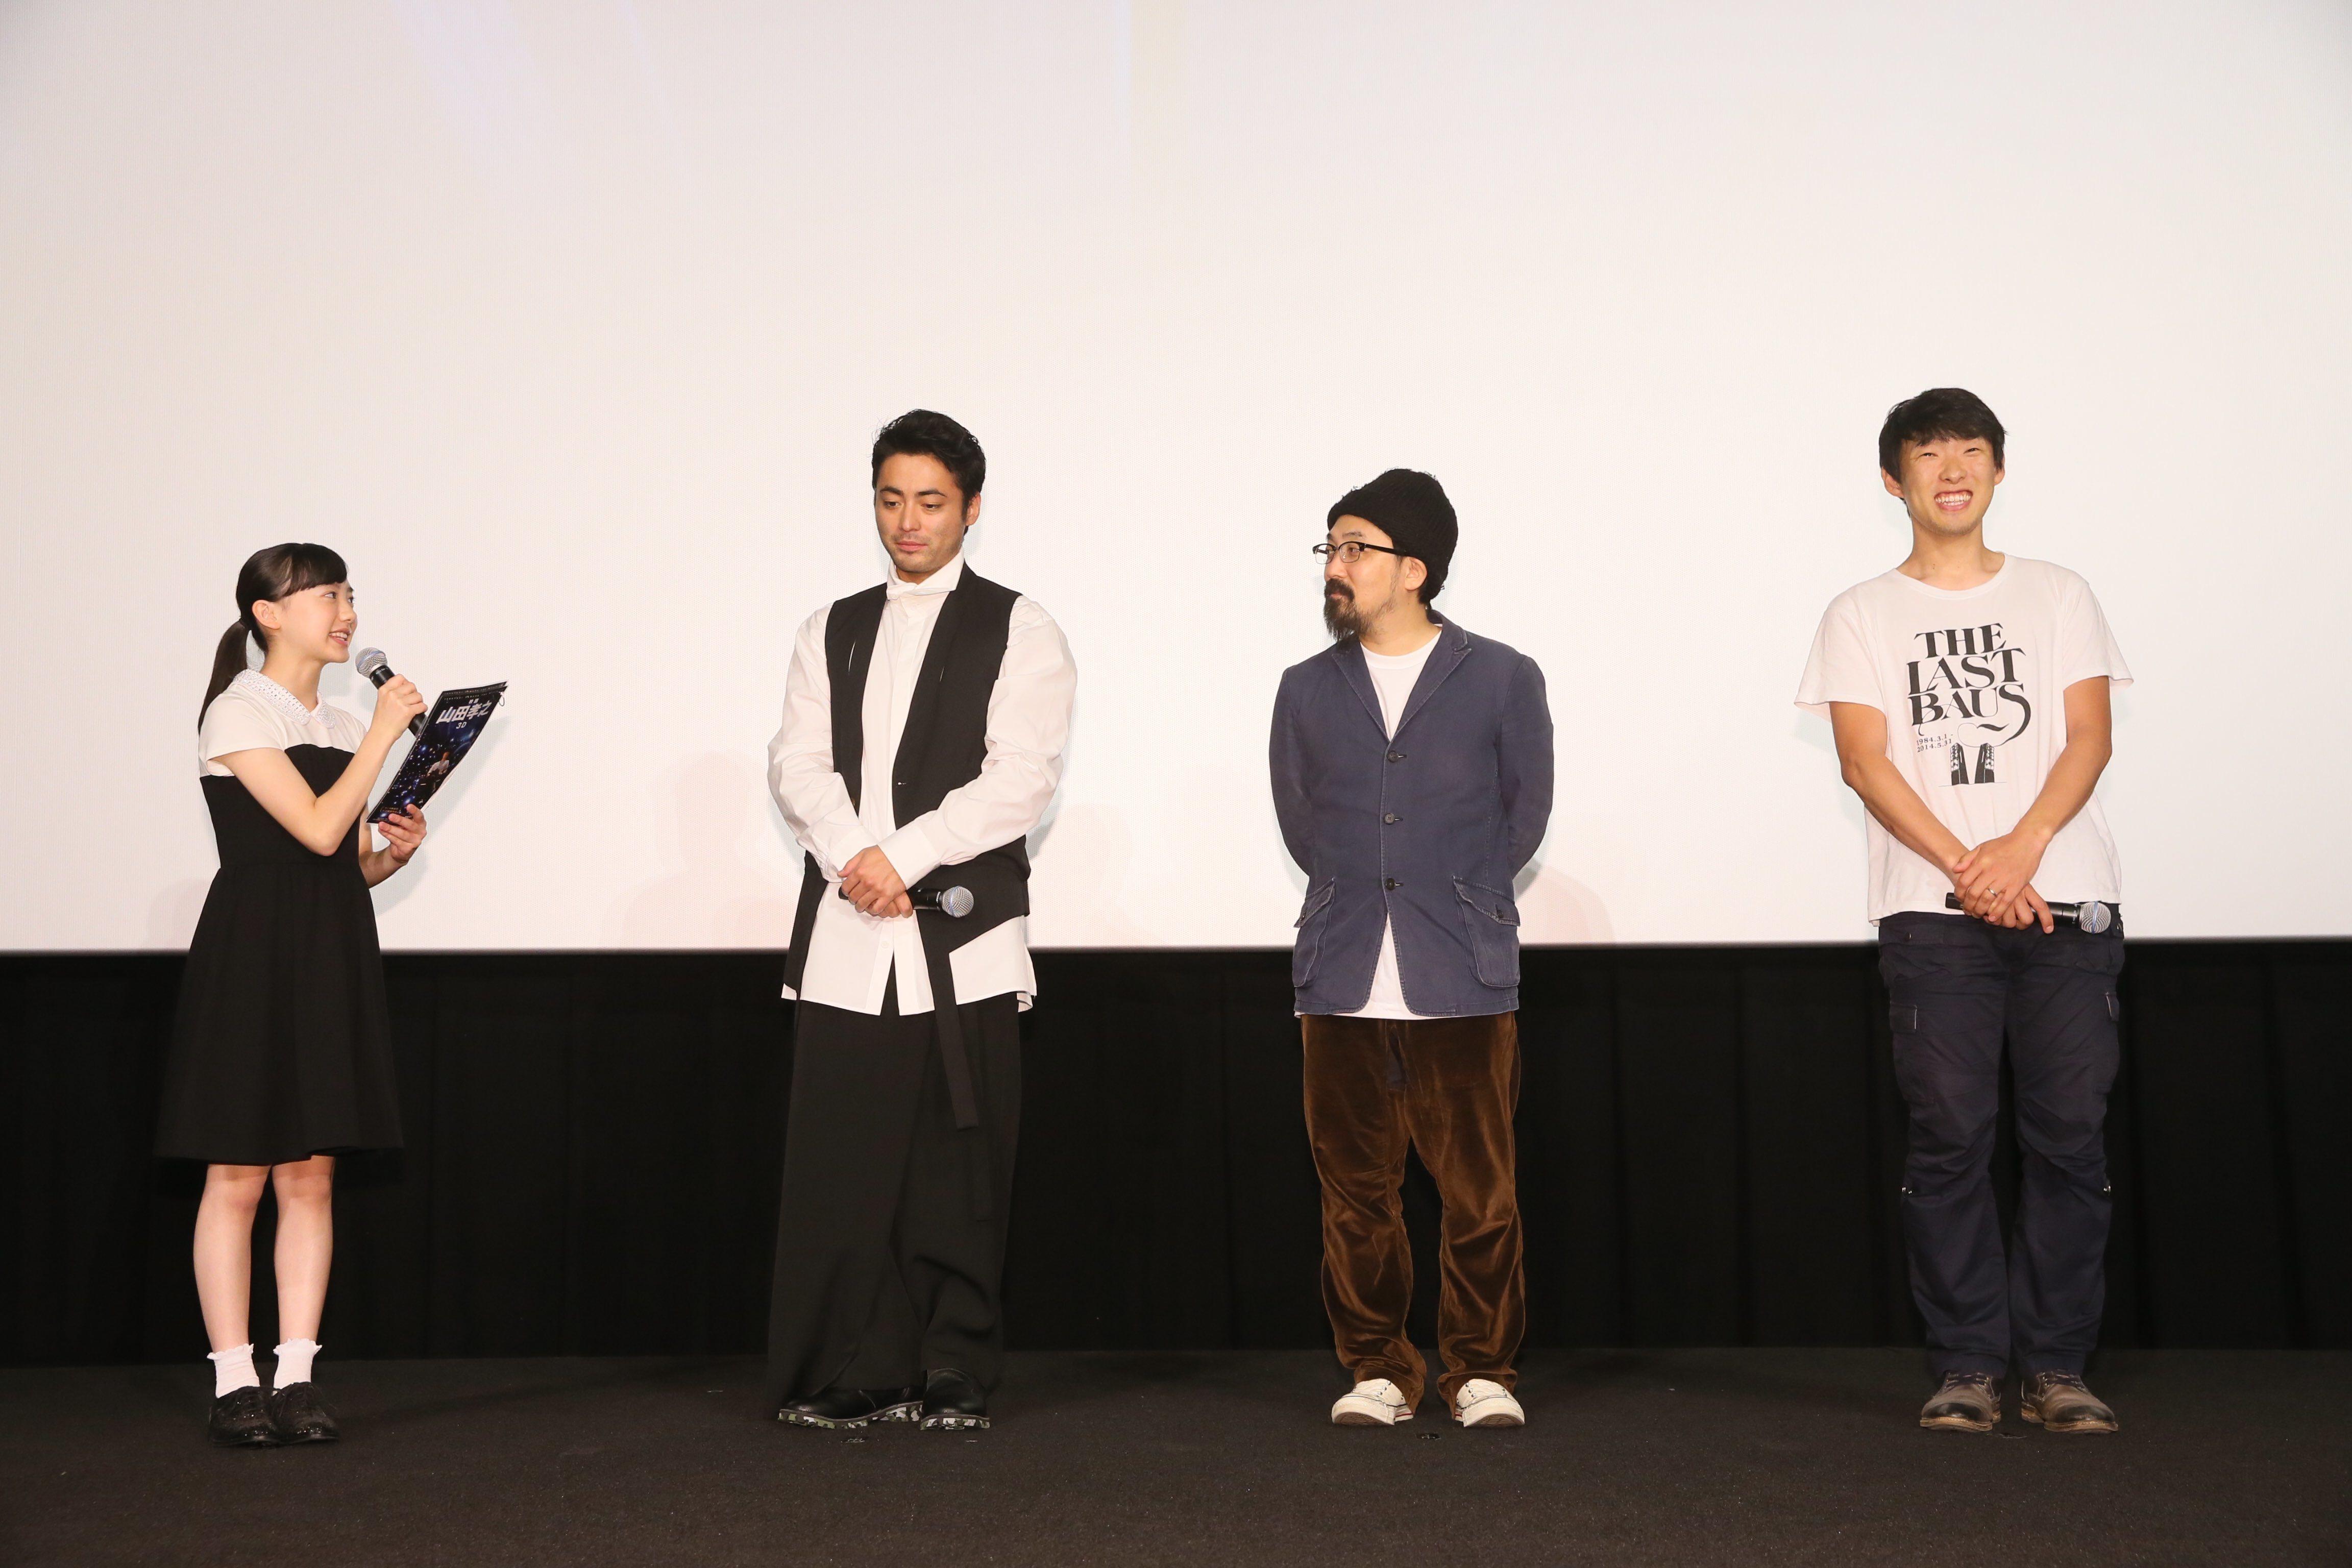 左から、司会をつとめる芦田愛菜、山田孝之、山下敦弘監督、松江哲明監督